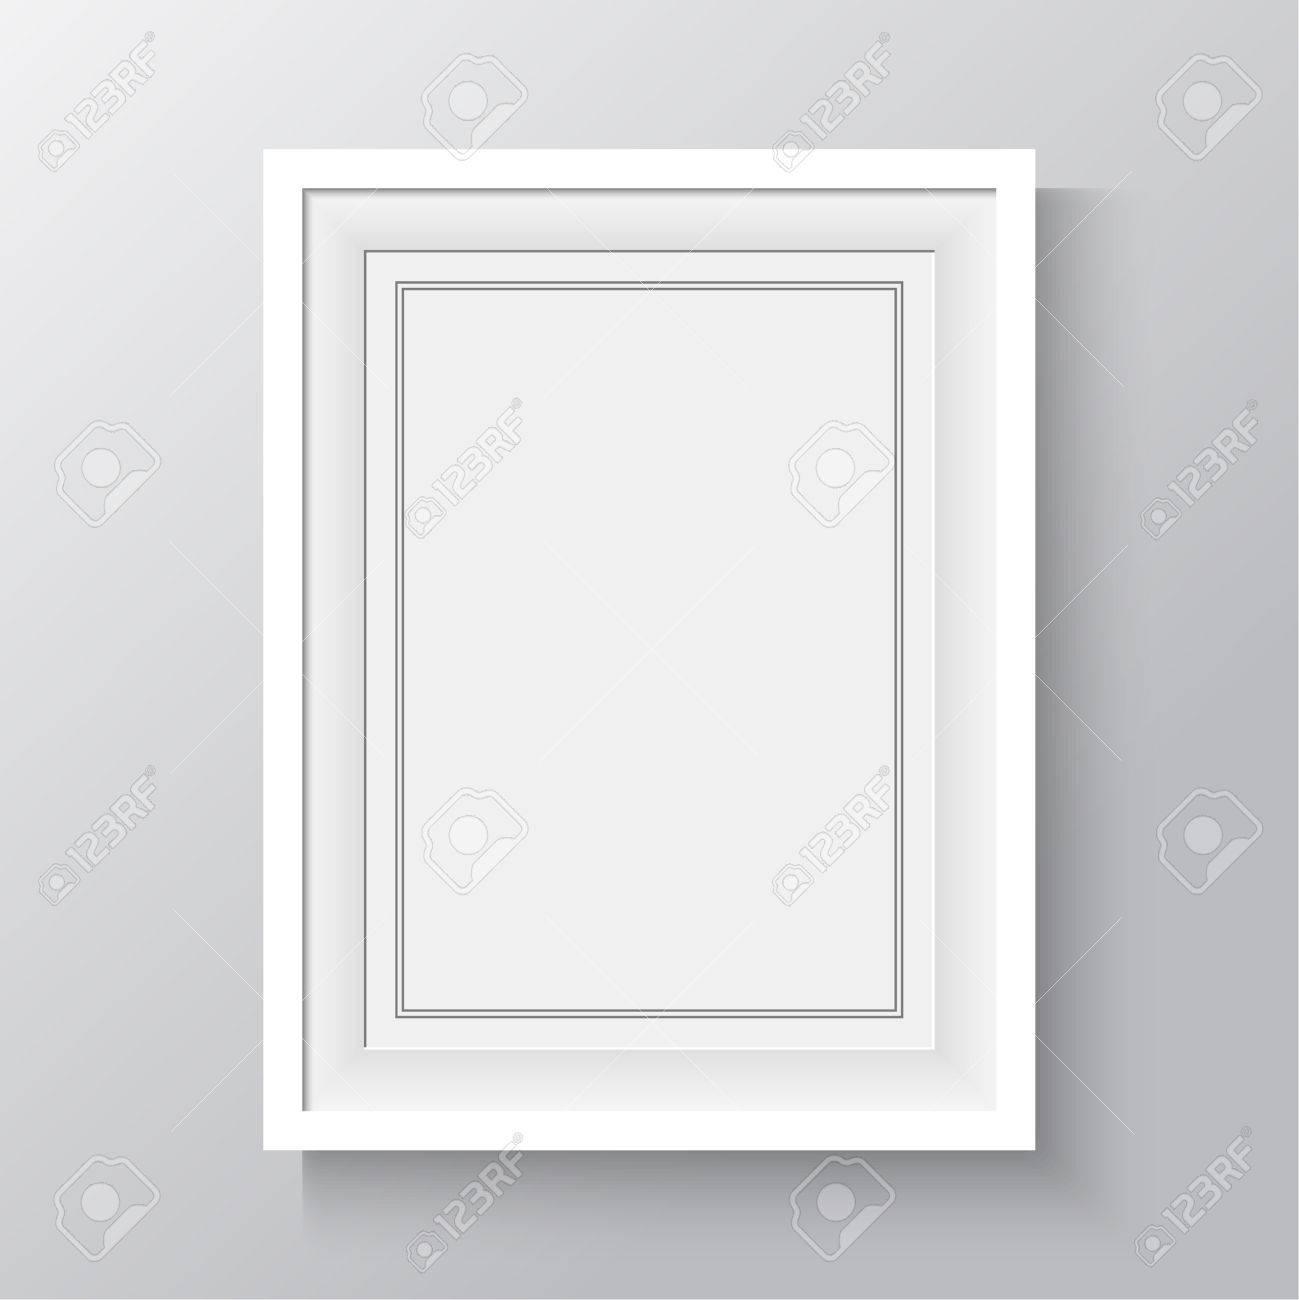 Marco Blanco Para Pinturas O Fotografías En La Pared. A4, A3 Papel ...